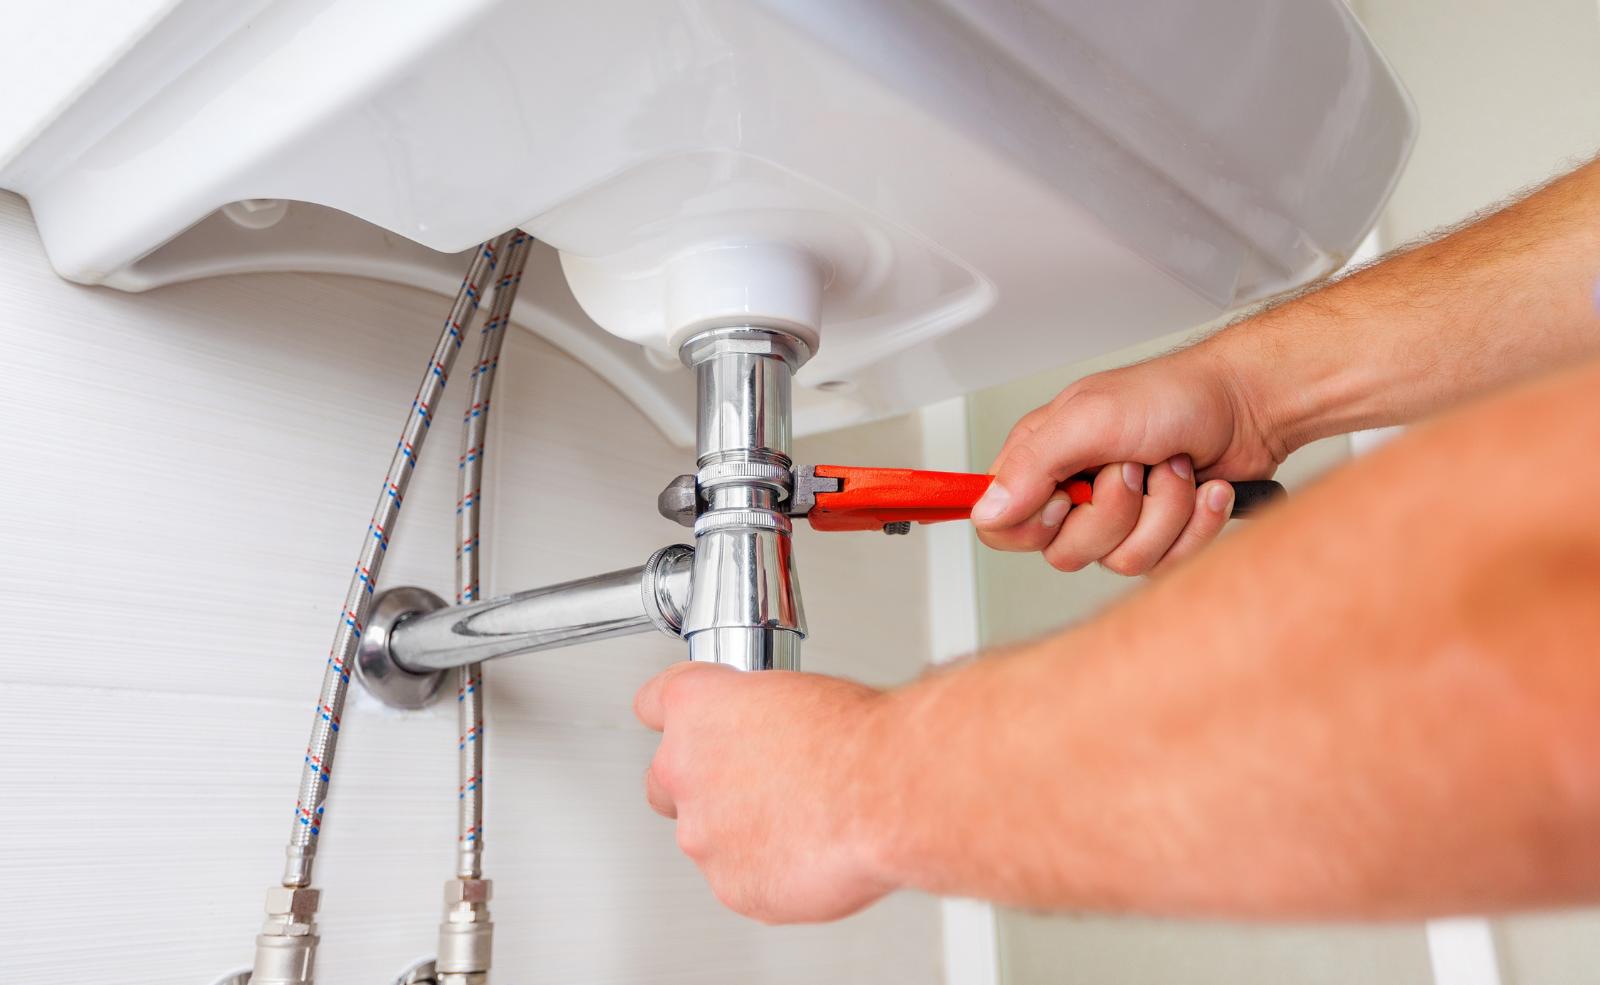 Waschbecken einbauen: Schritt für Schritt Anleitung